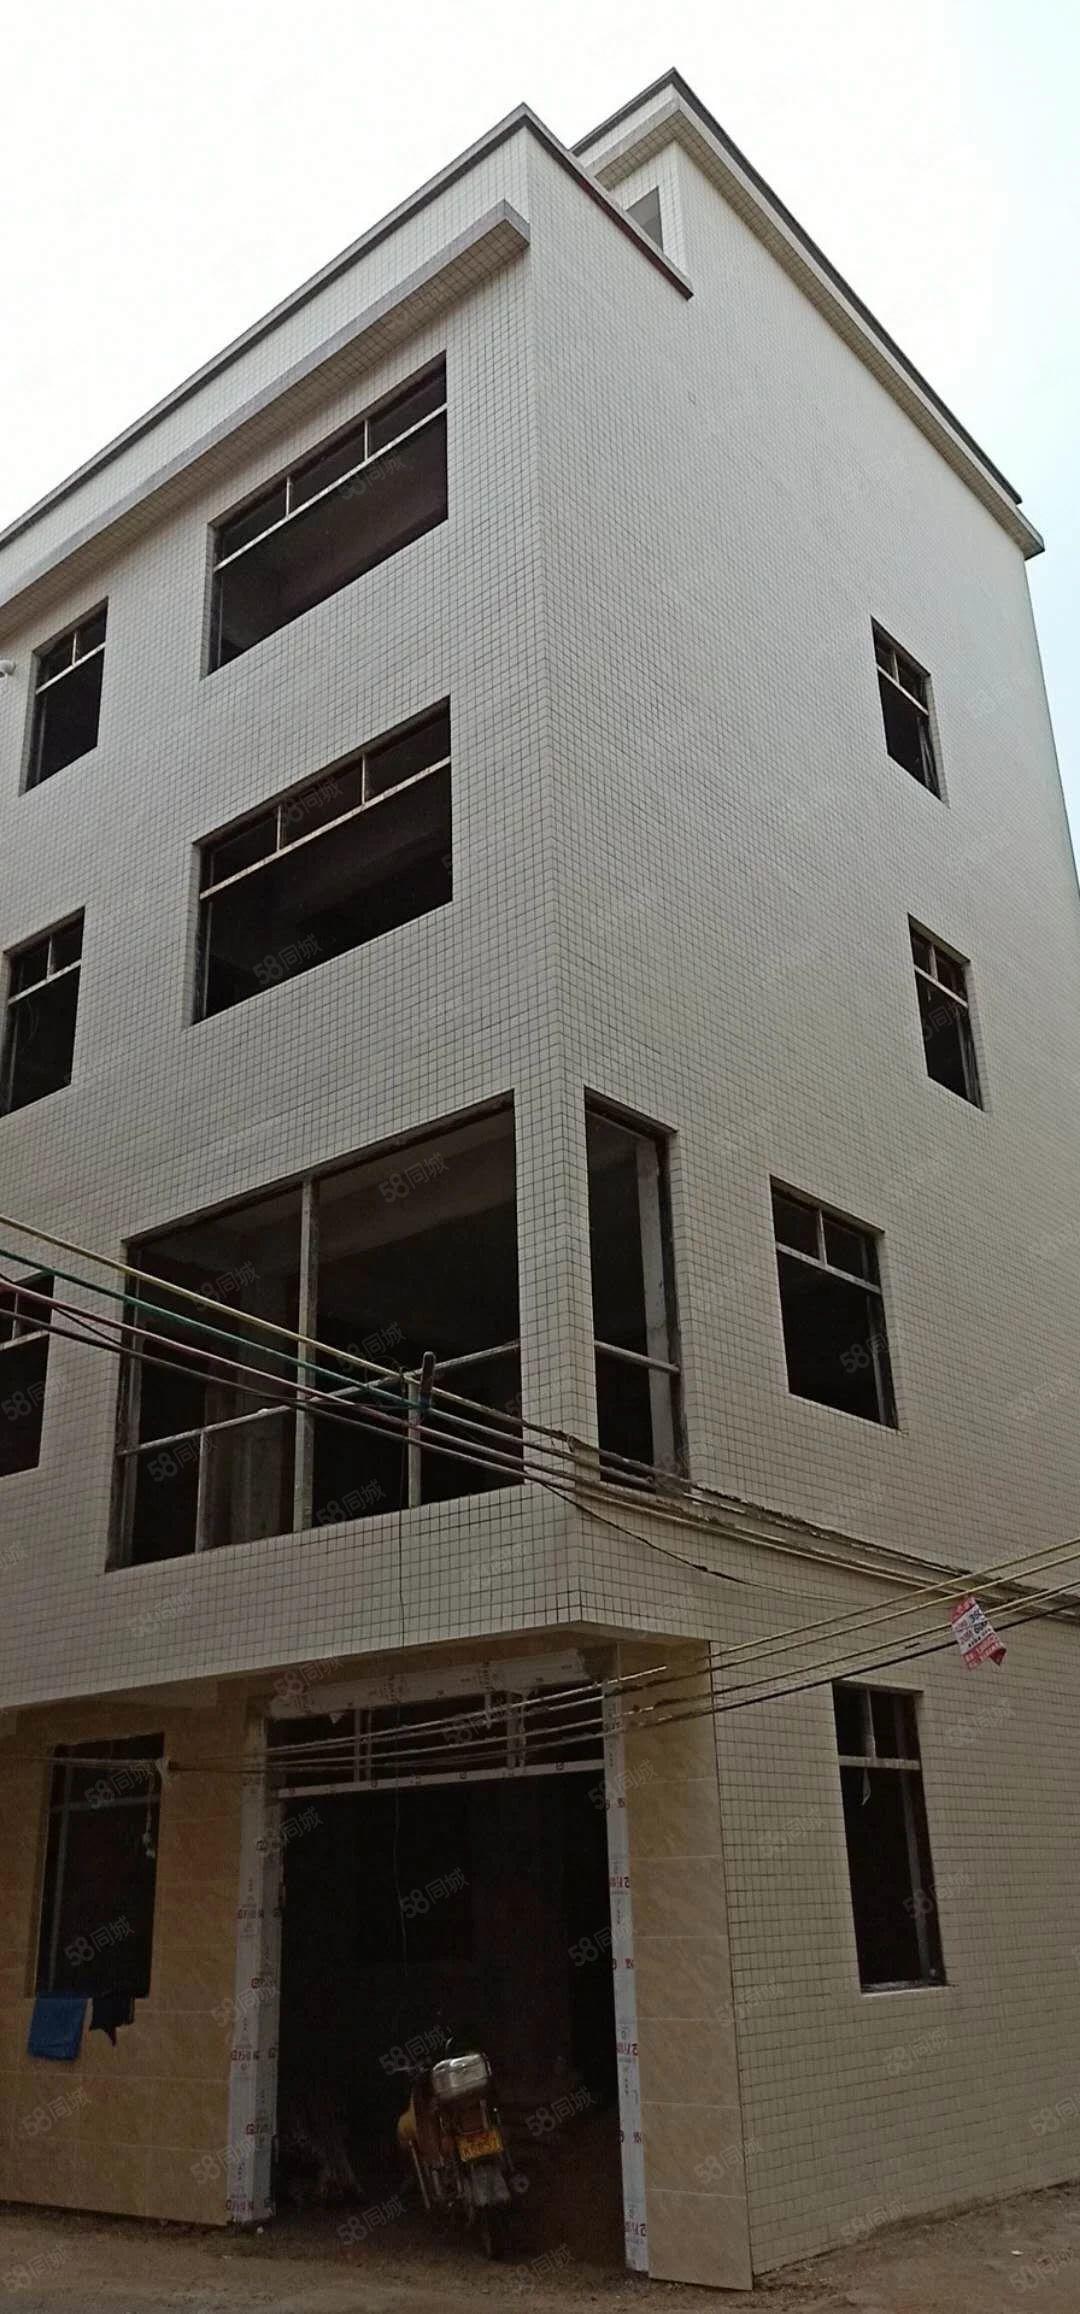 抢!阳东.体育馆全新毛坯私宅规格:7x8米双门面四层半靓野